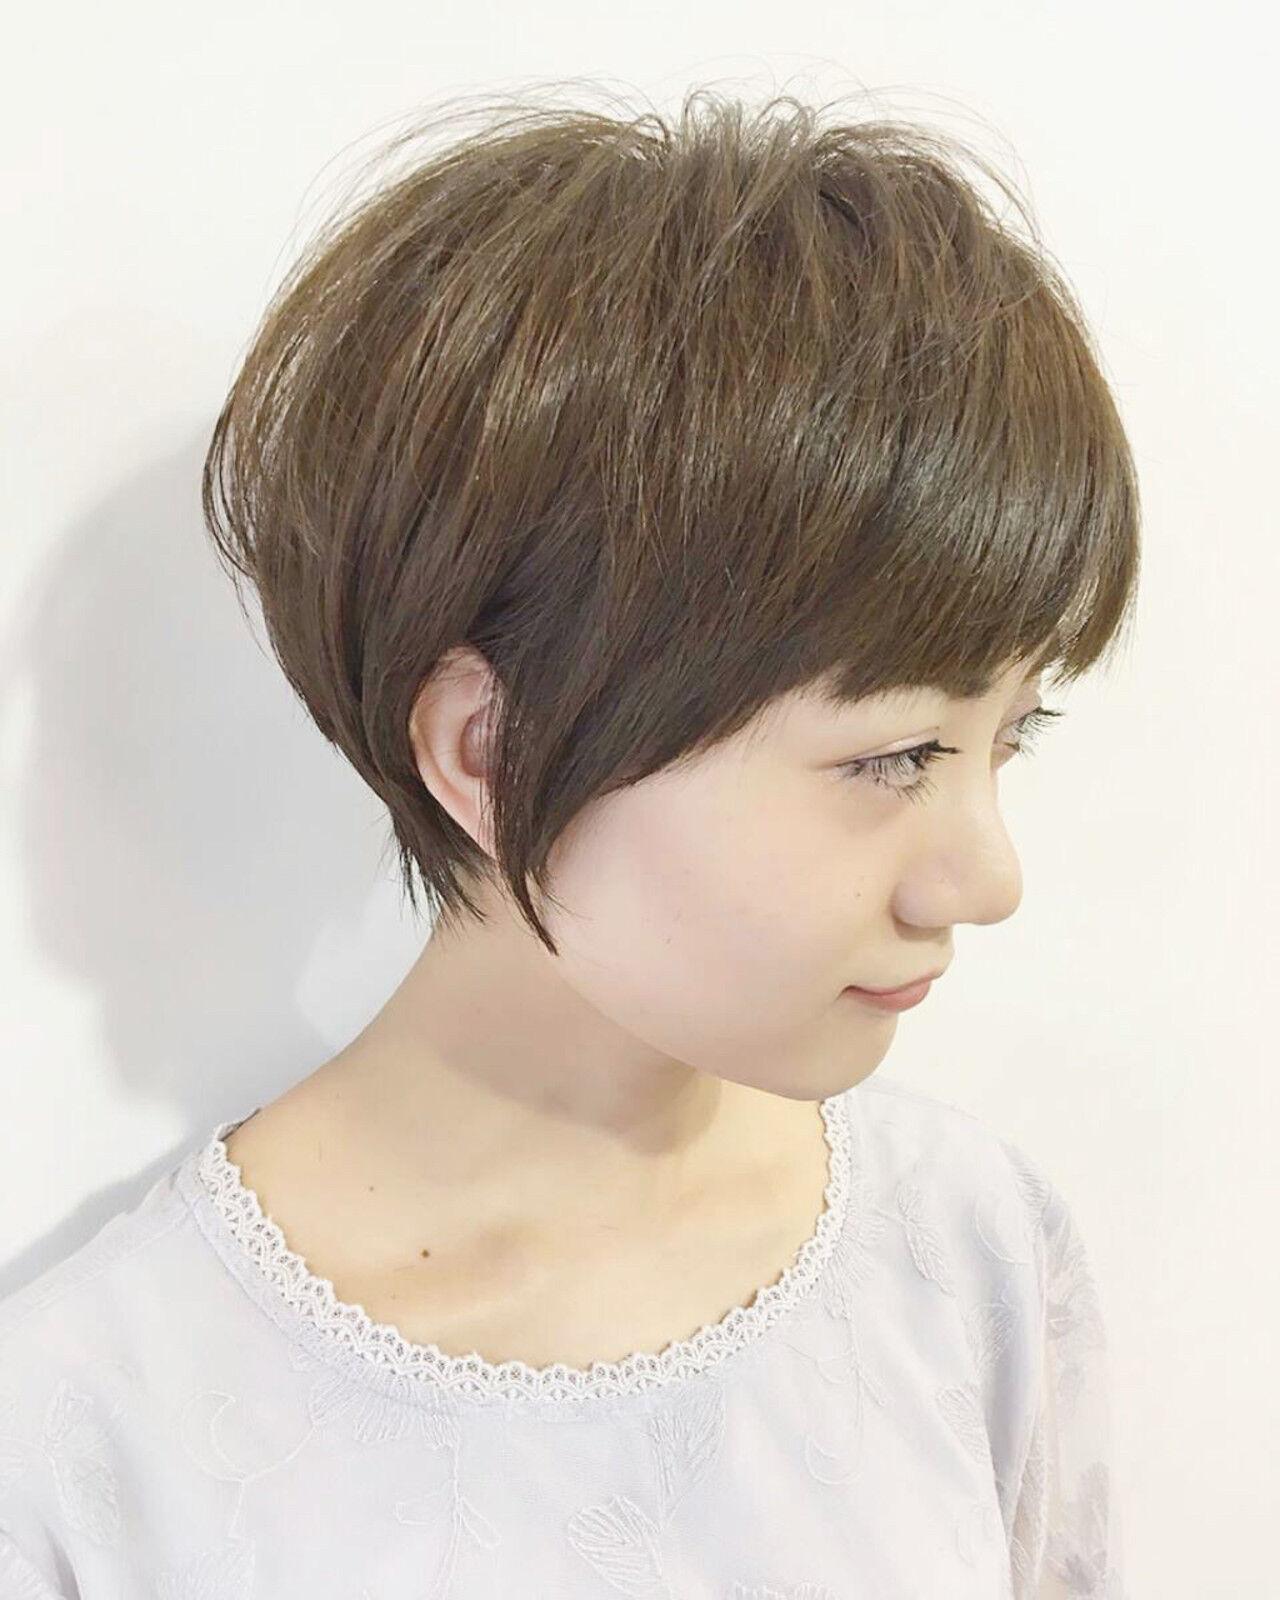 ナチュラル ショート 小顔 似合わせヘアスタイルや髪型の写真・画像